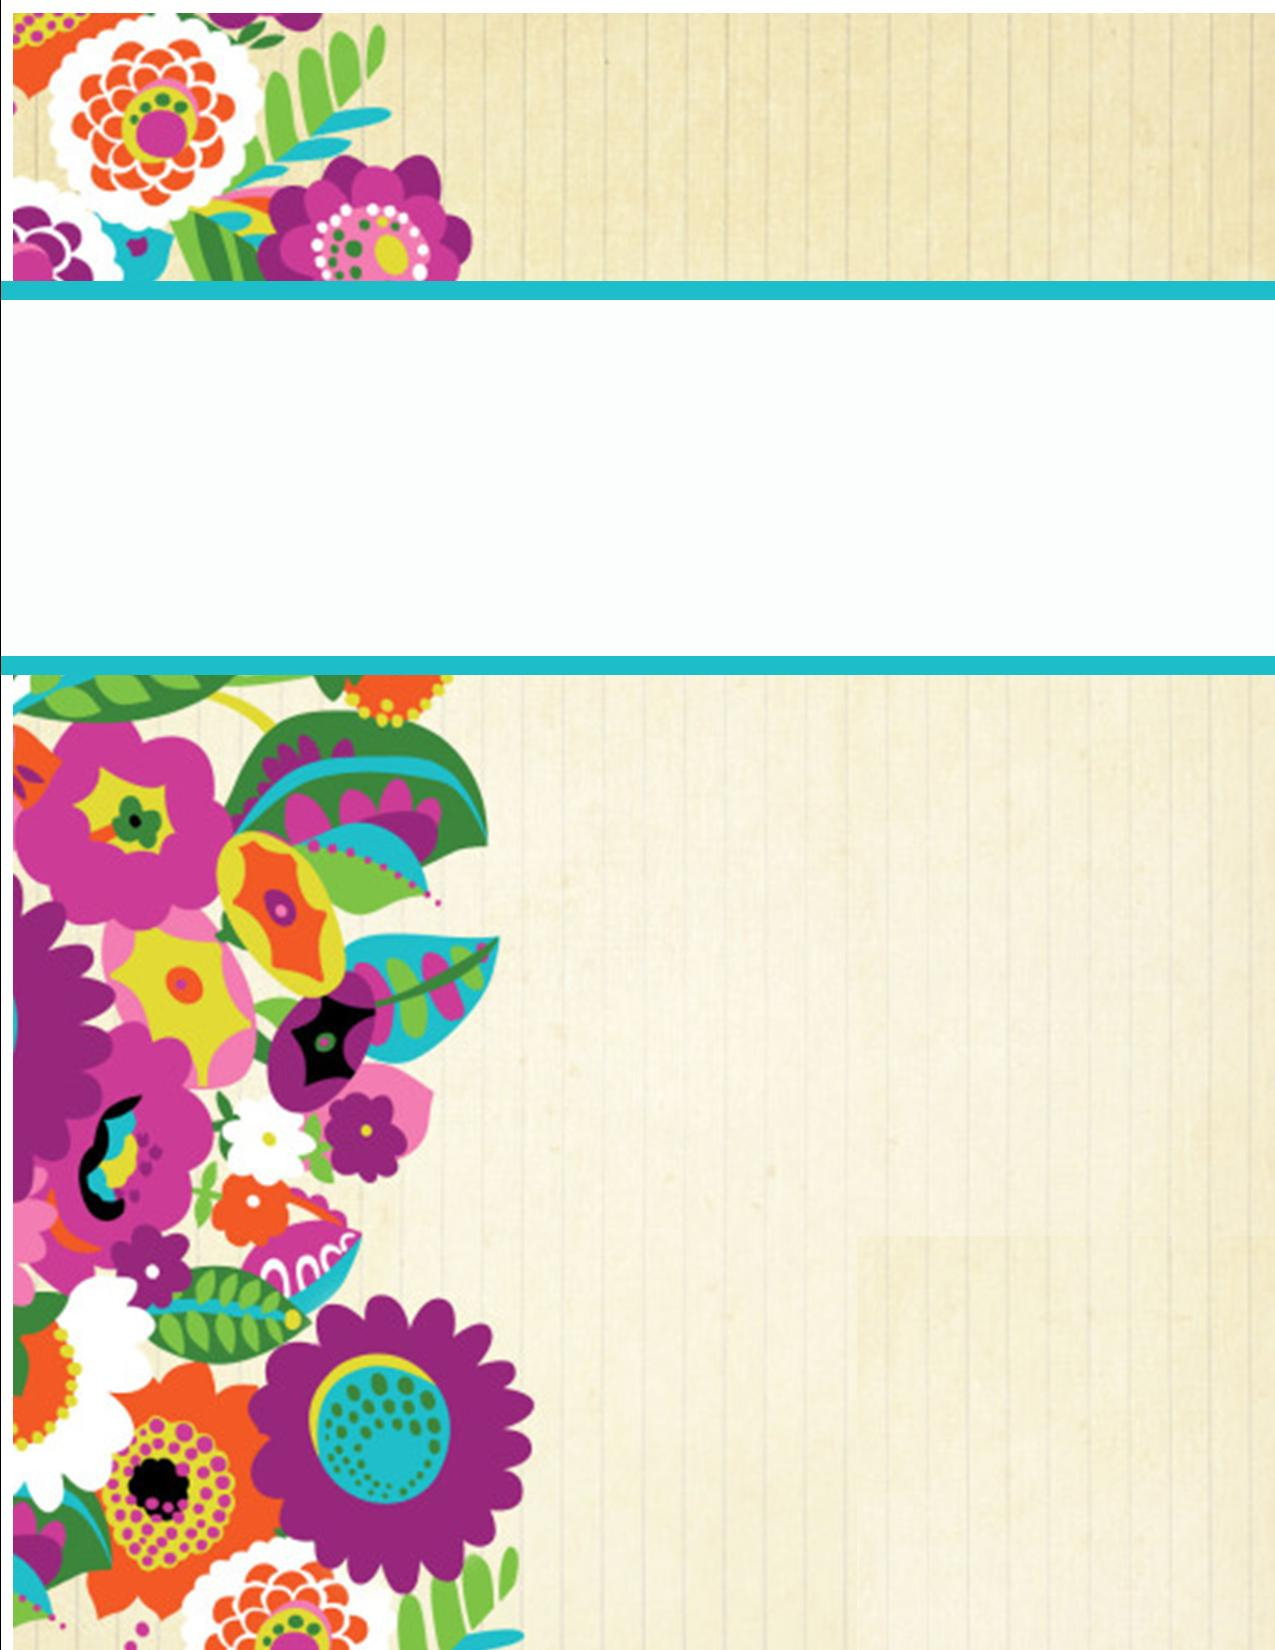 My Cute Binder Covers   Happily Hope - Cute Free Printable Binder Covers